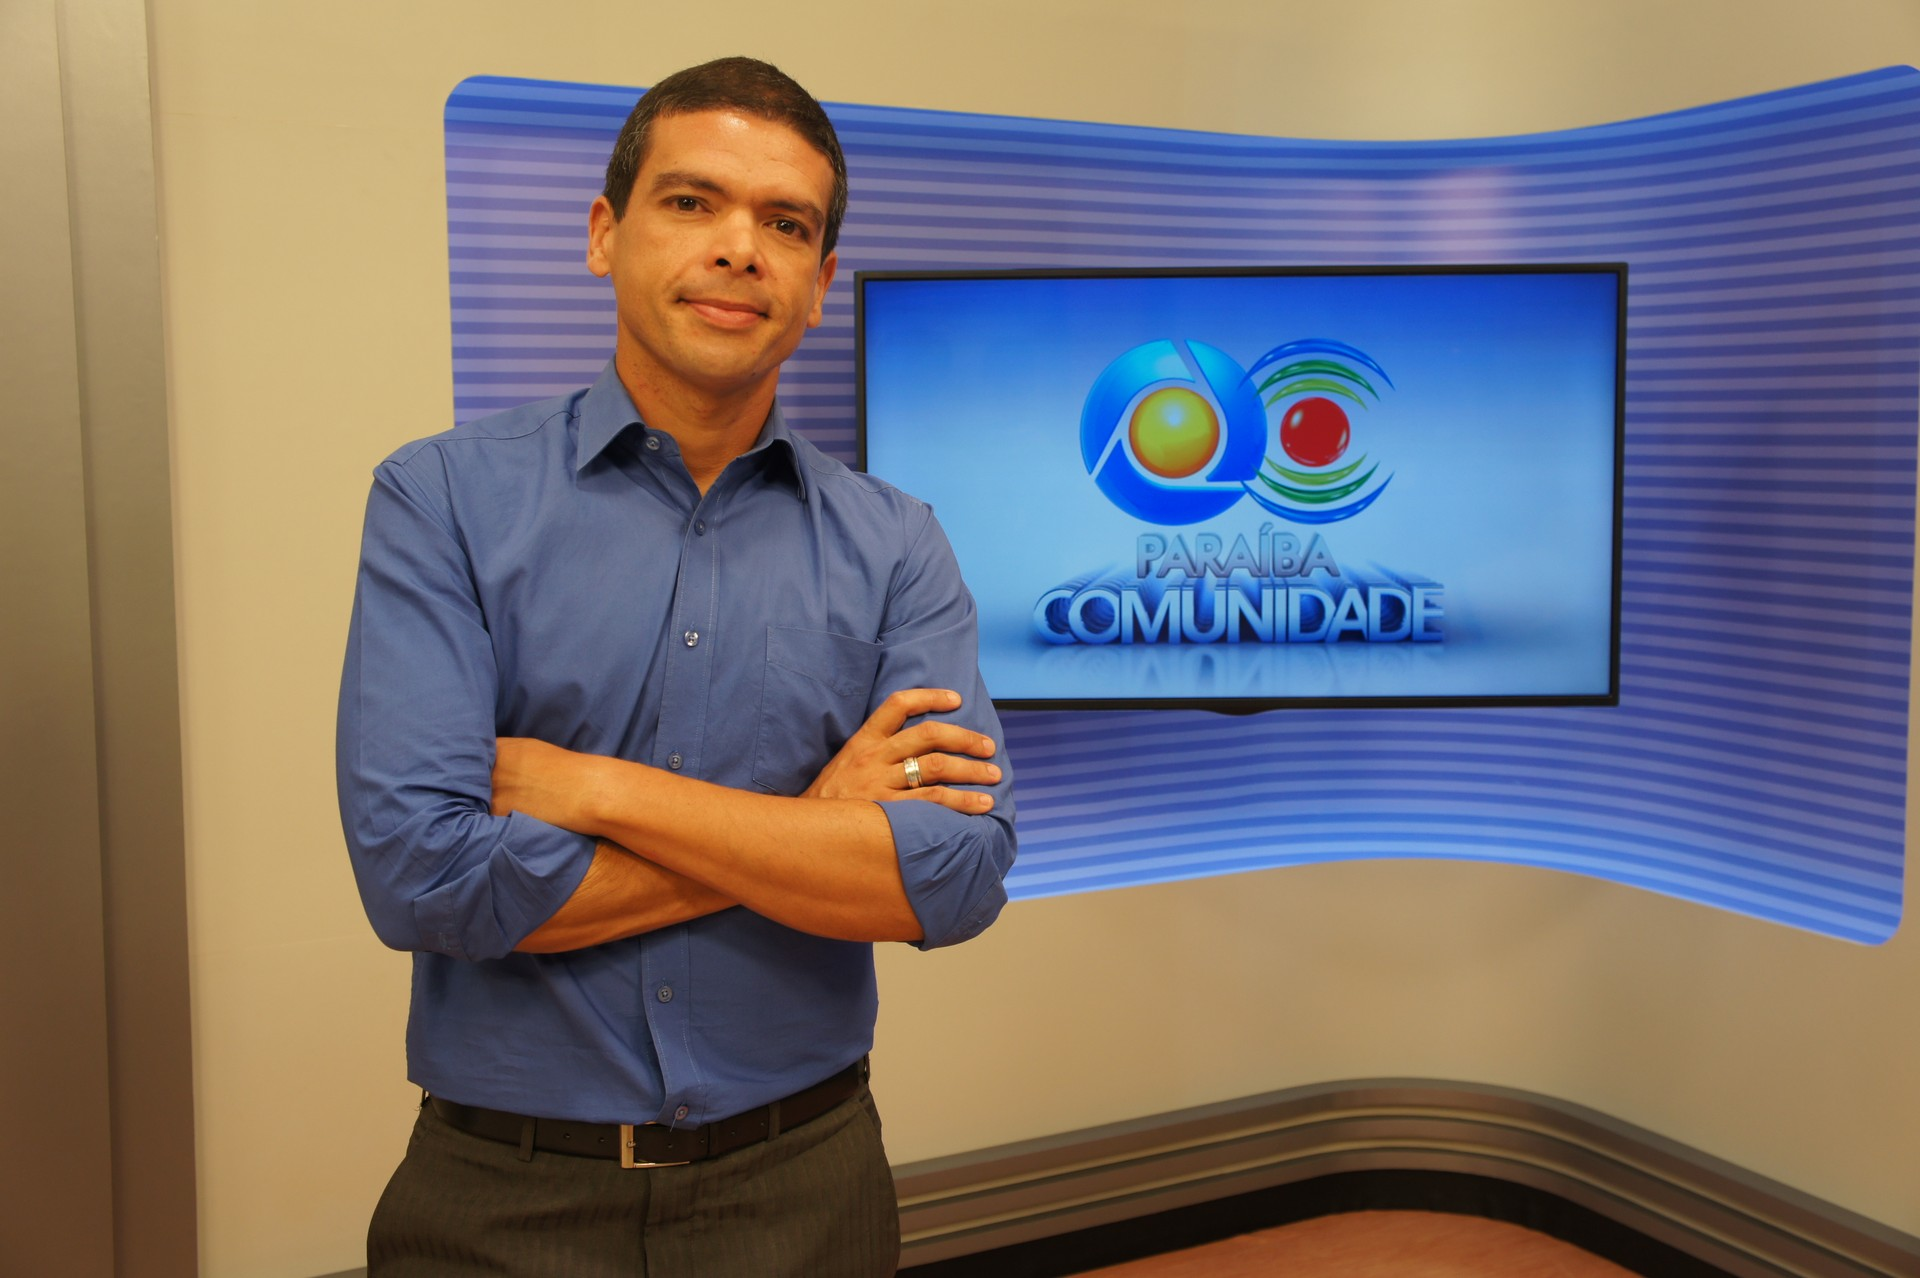 Hildebrando Neto no Paraíba Comunidade (Foto: Daniel Sousa/TV Cabo Branco)